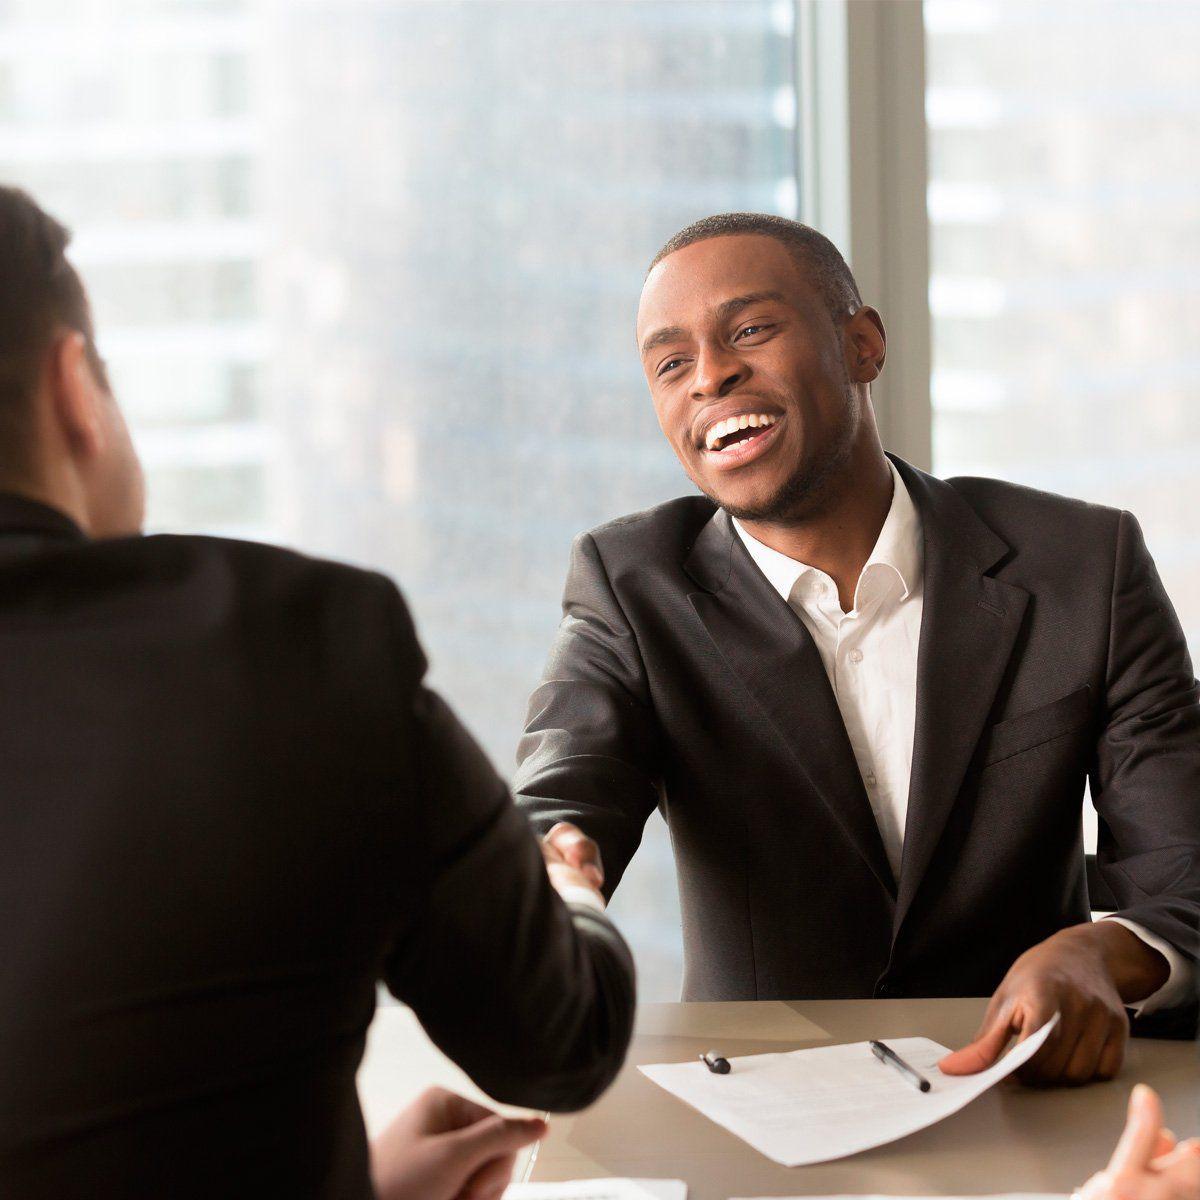 MBA em Gestão Estratégica de Recursos Humanos  - PUC Minas